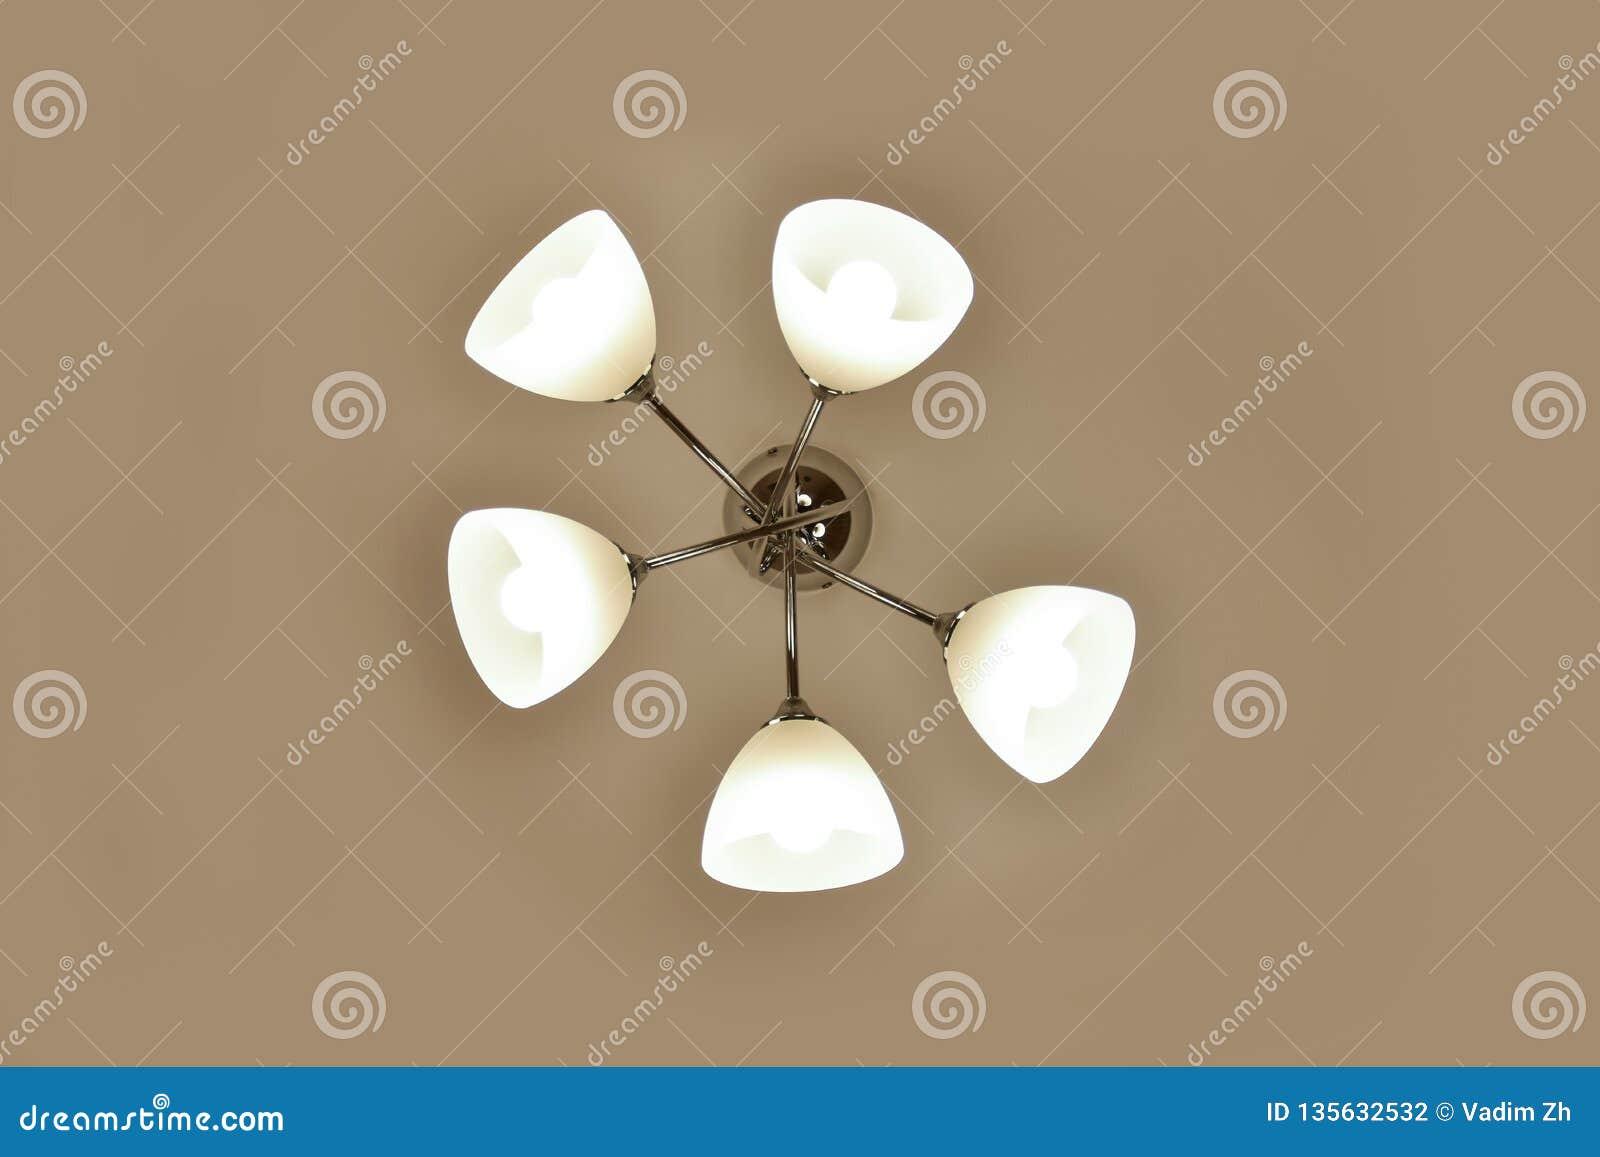 Включенное освещение на люстре вися на потолке